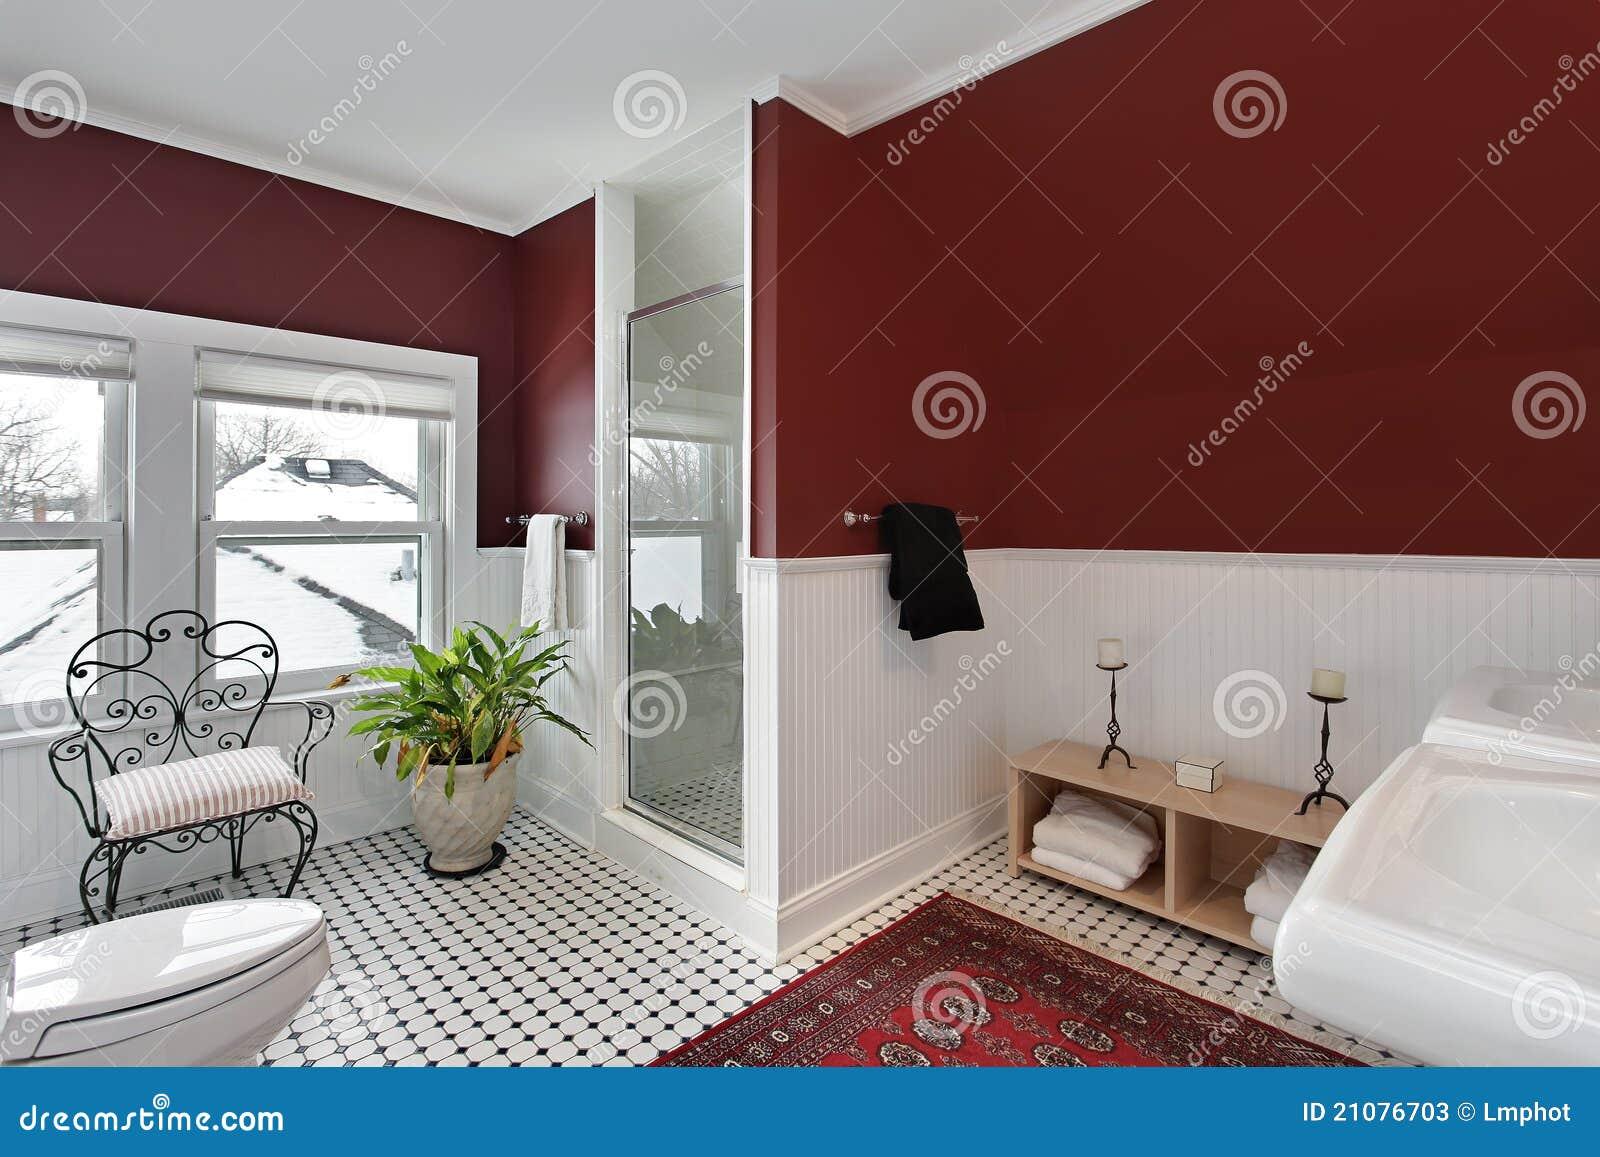 Como limpiar las paredes del bao gallery of como limpiar - Como limpiar paredes pintadas ...